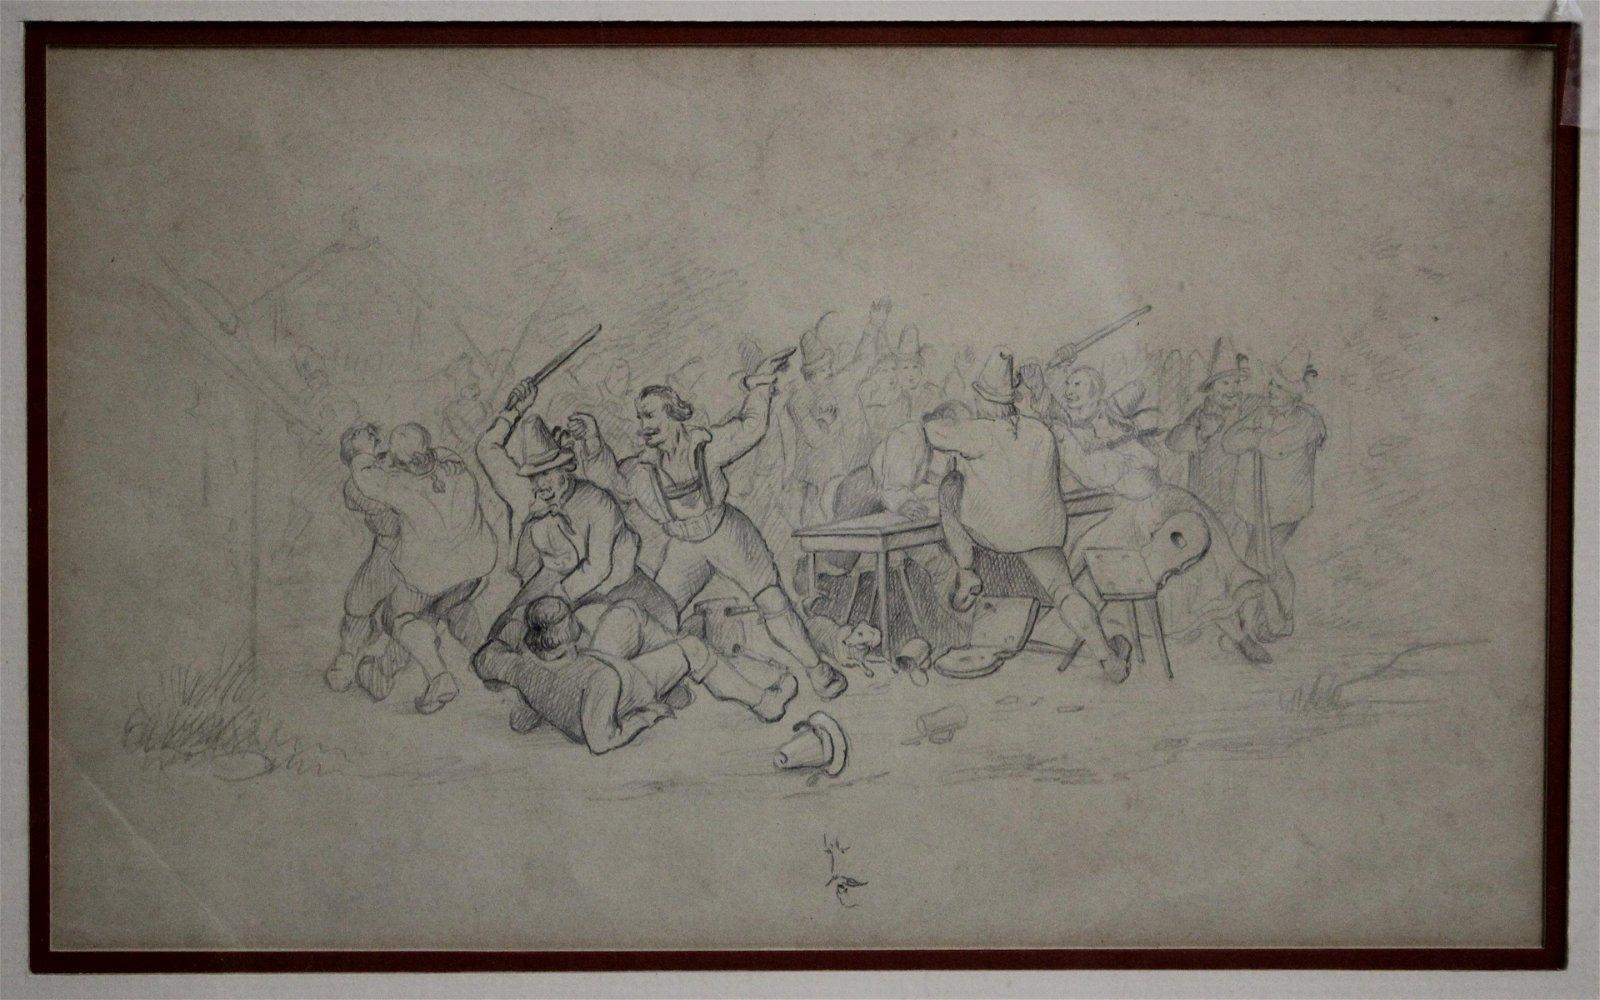 Open Air Fight/Brawl Scene Pencil on Paper